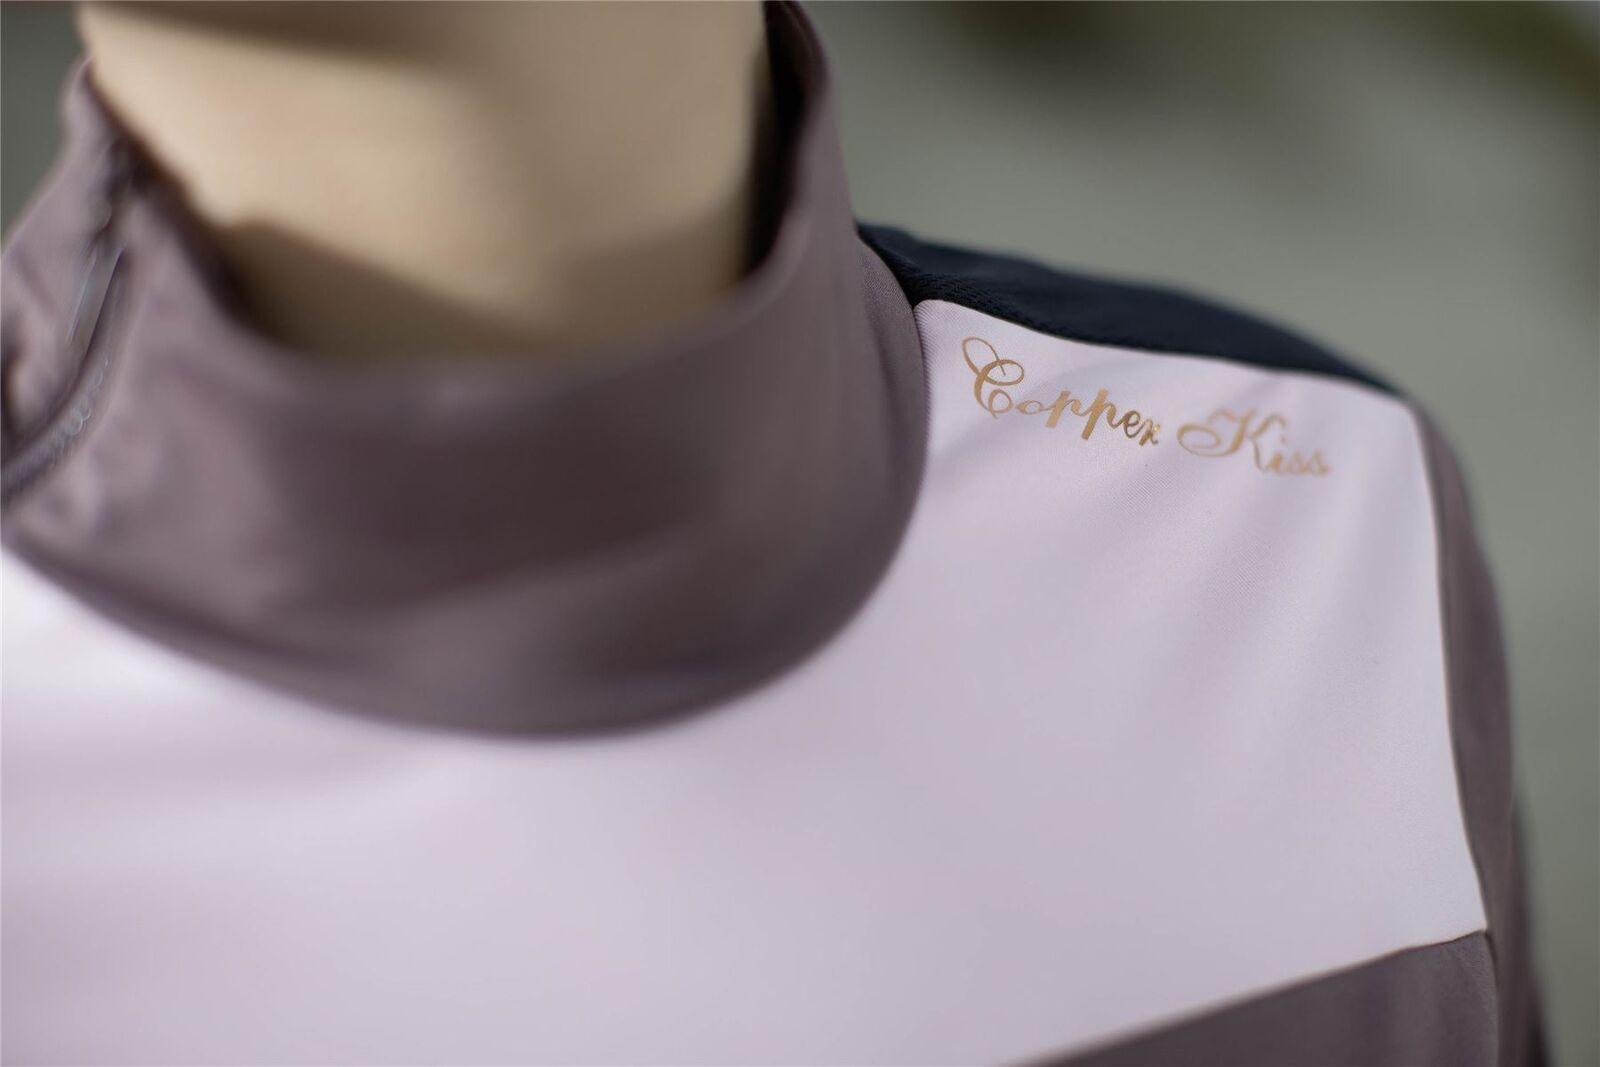 CAVALLINO marino in rame KISS Equitazione Equestre Camicia Easy Care funzione